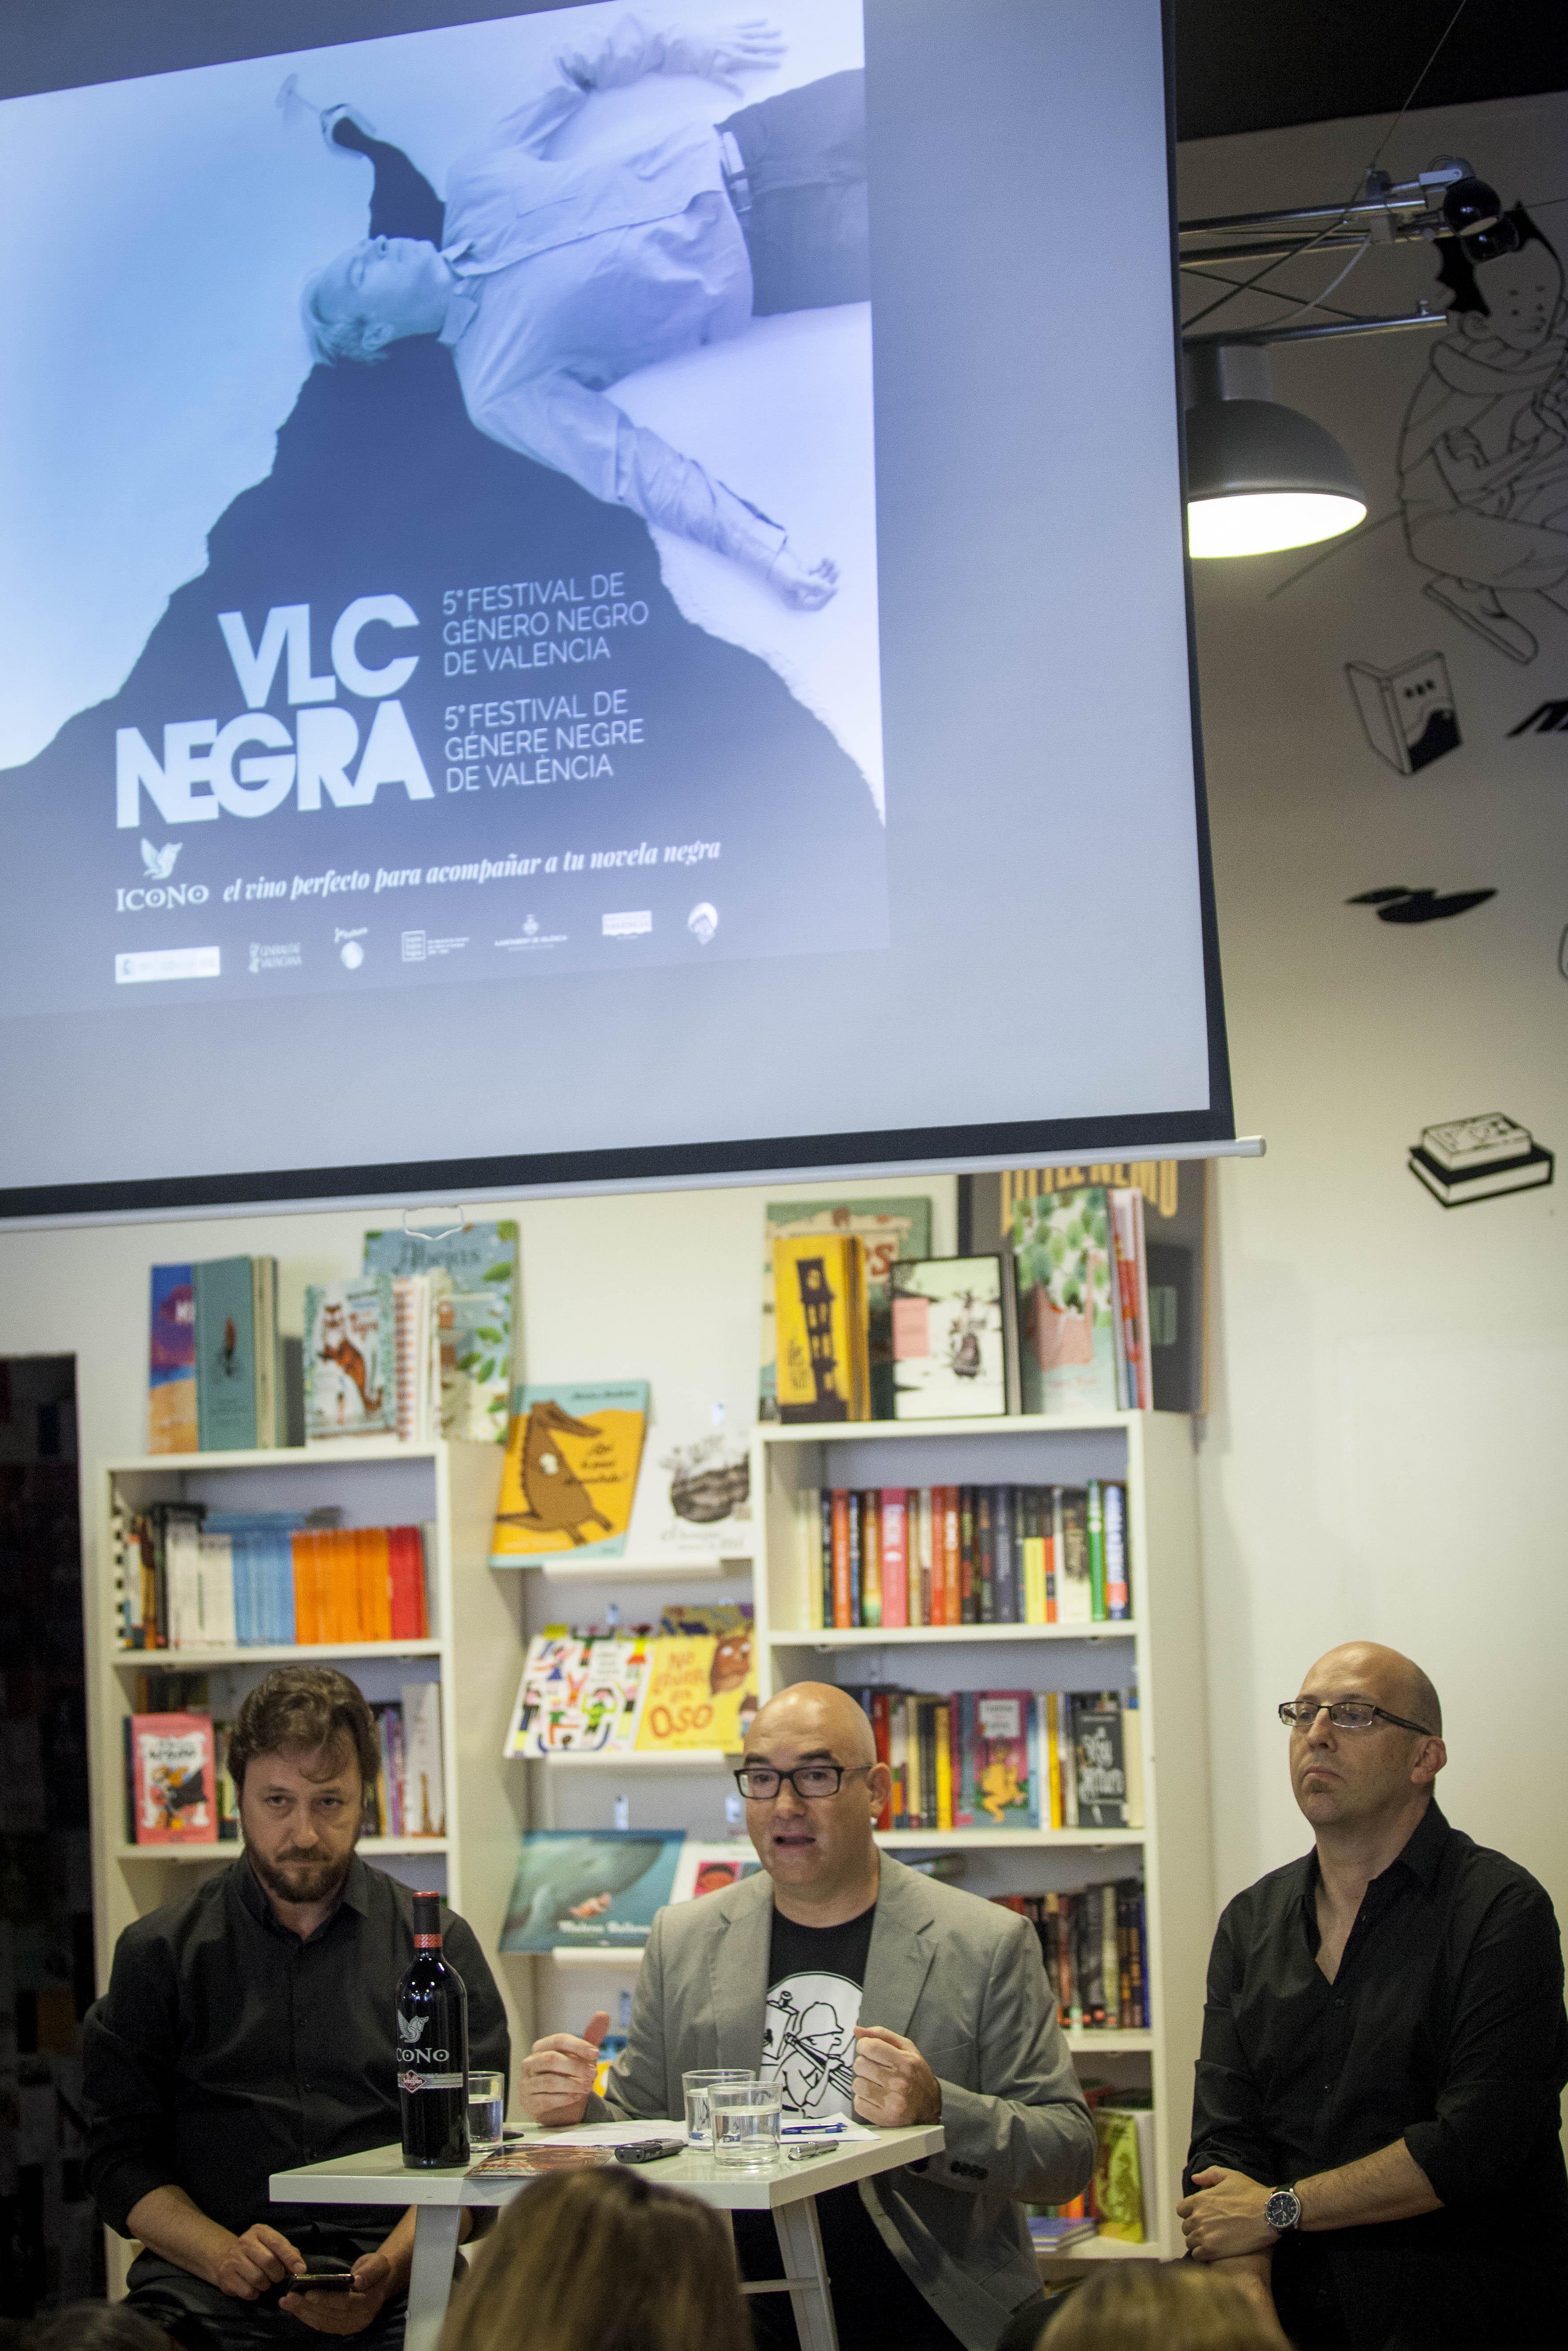 Valencia Negra (VLC) celebra su quinta edición con más de cien actividades y estrellas internacionales como Joël Dicker y Philip Kerr